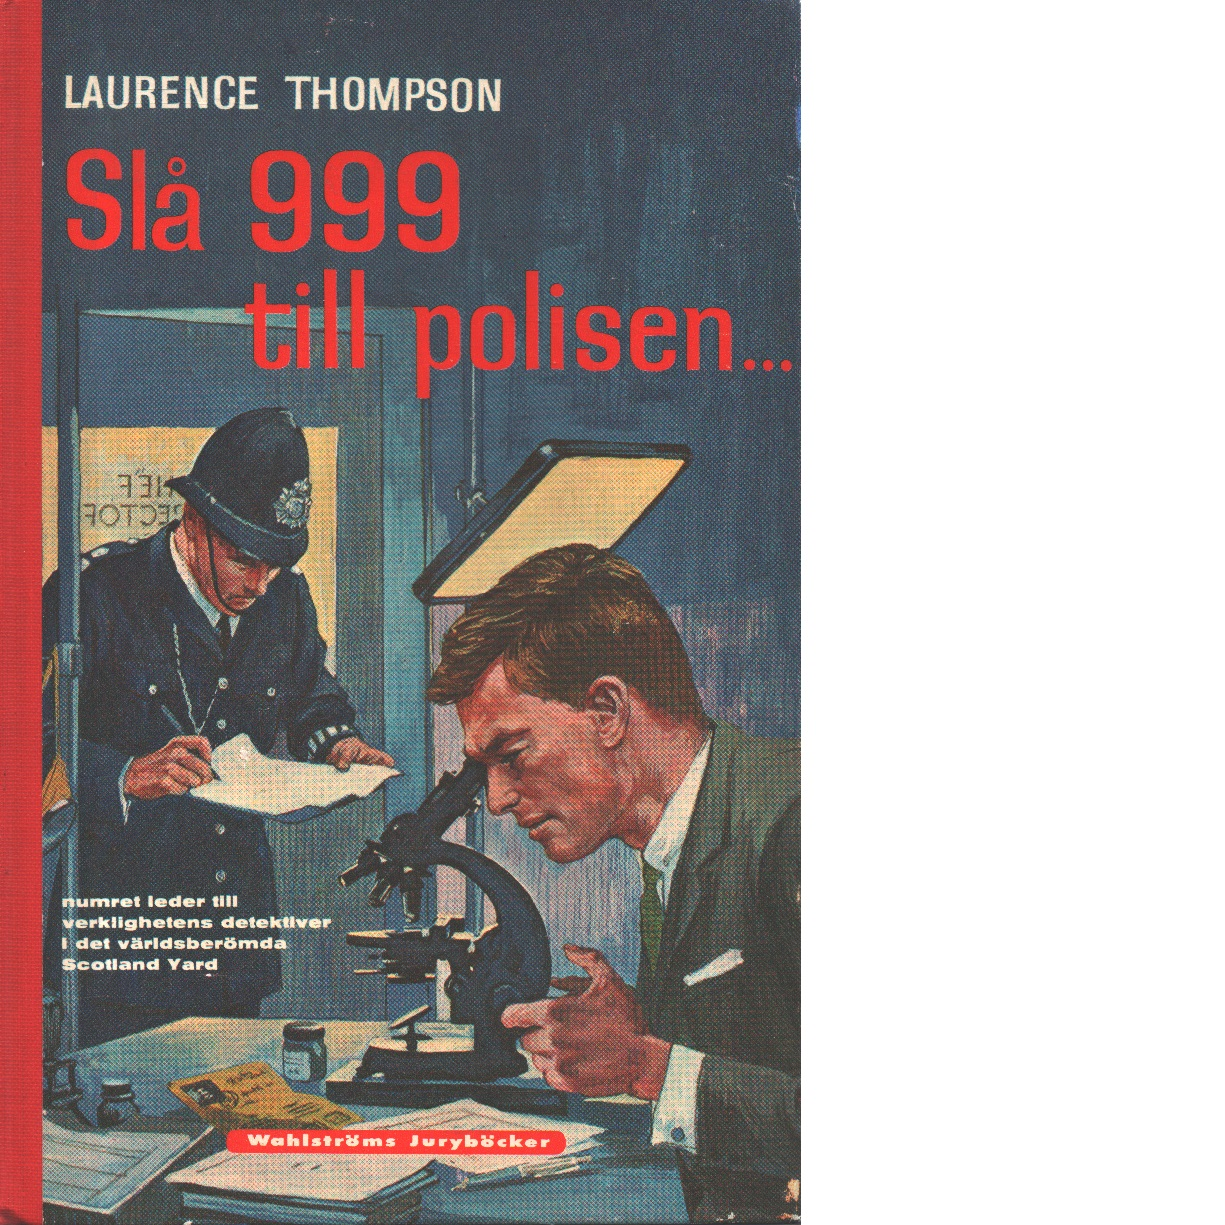 Slå 999 till polisen - Thompson, Laurence